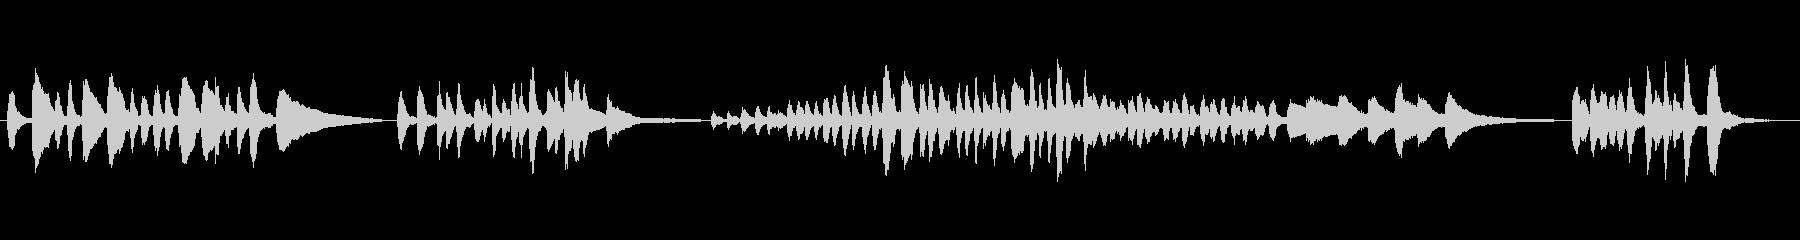 バルトーク「子供のために」29番の未再生の波形